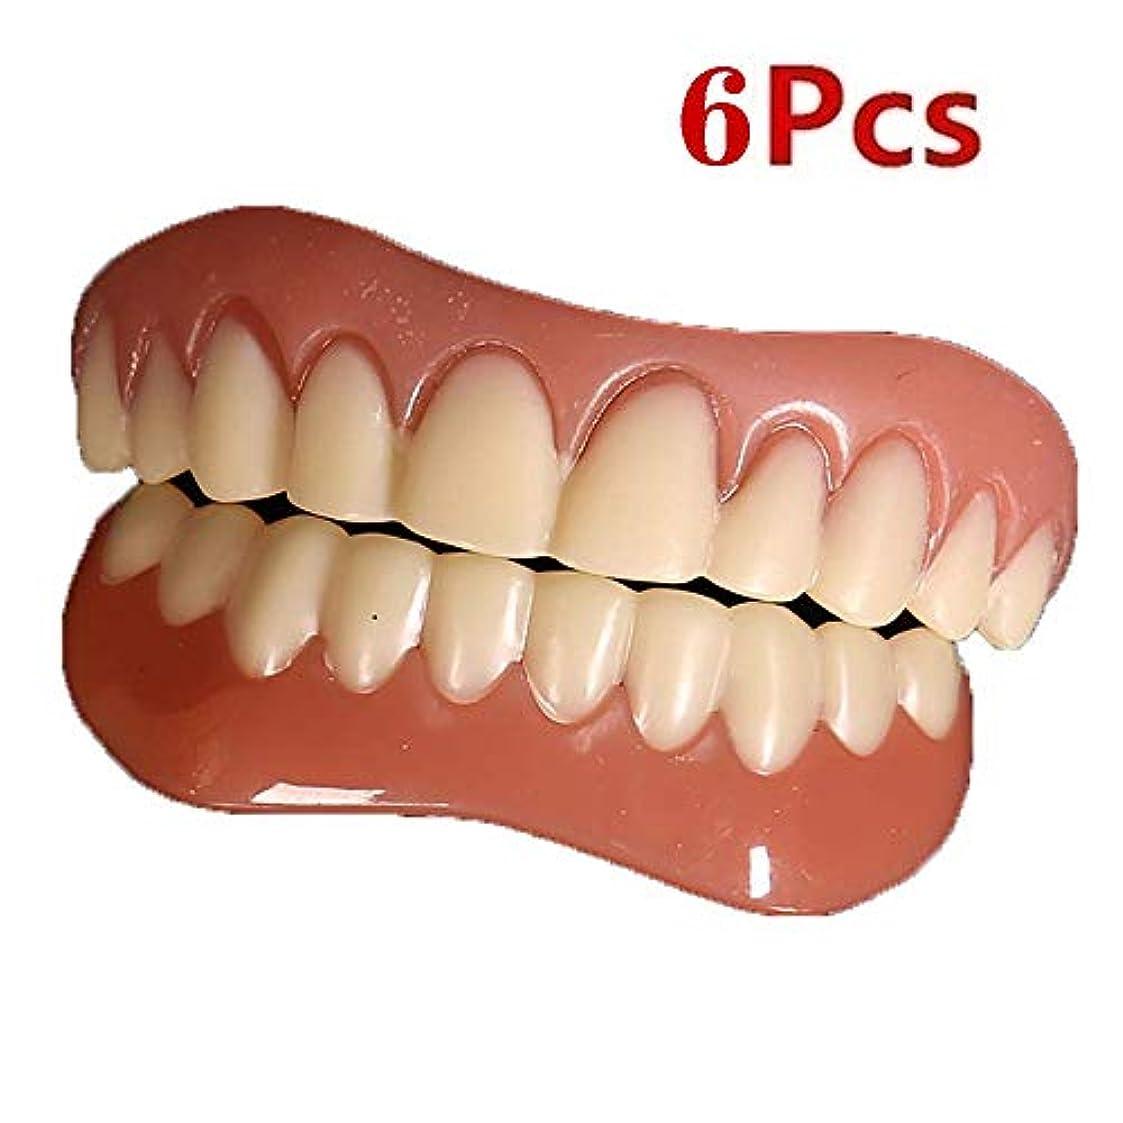 アルカイックコンサート保証金6個のインスタントスマイルの歯アッパーロアーベニアの快適さフィットの歯のベニヤ、ワンサイズは数分以内に自宅であなたの笑顔を直す